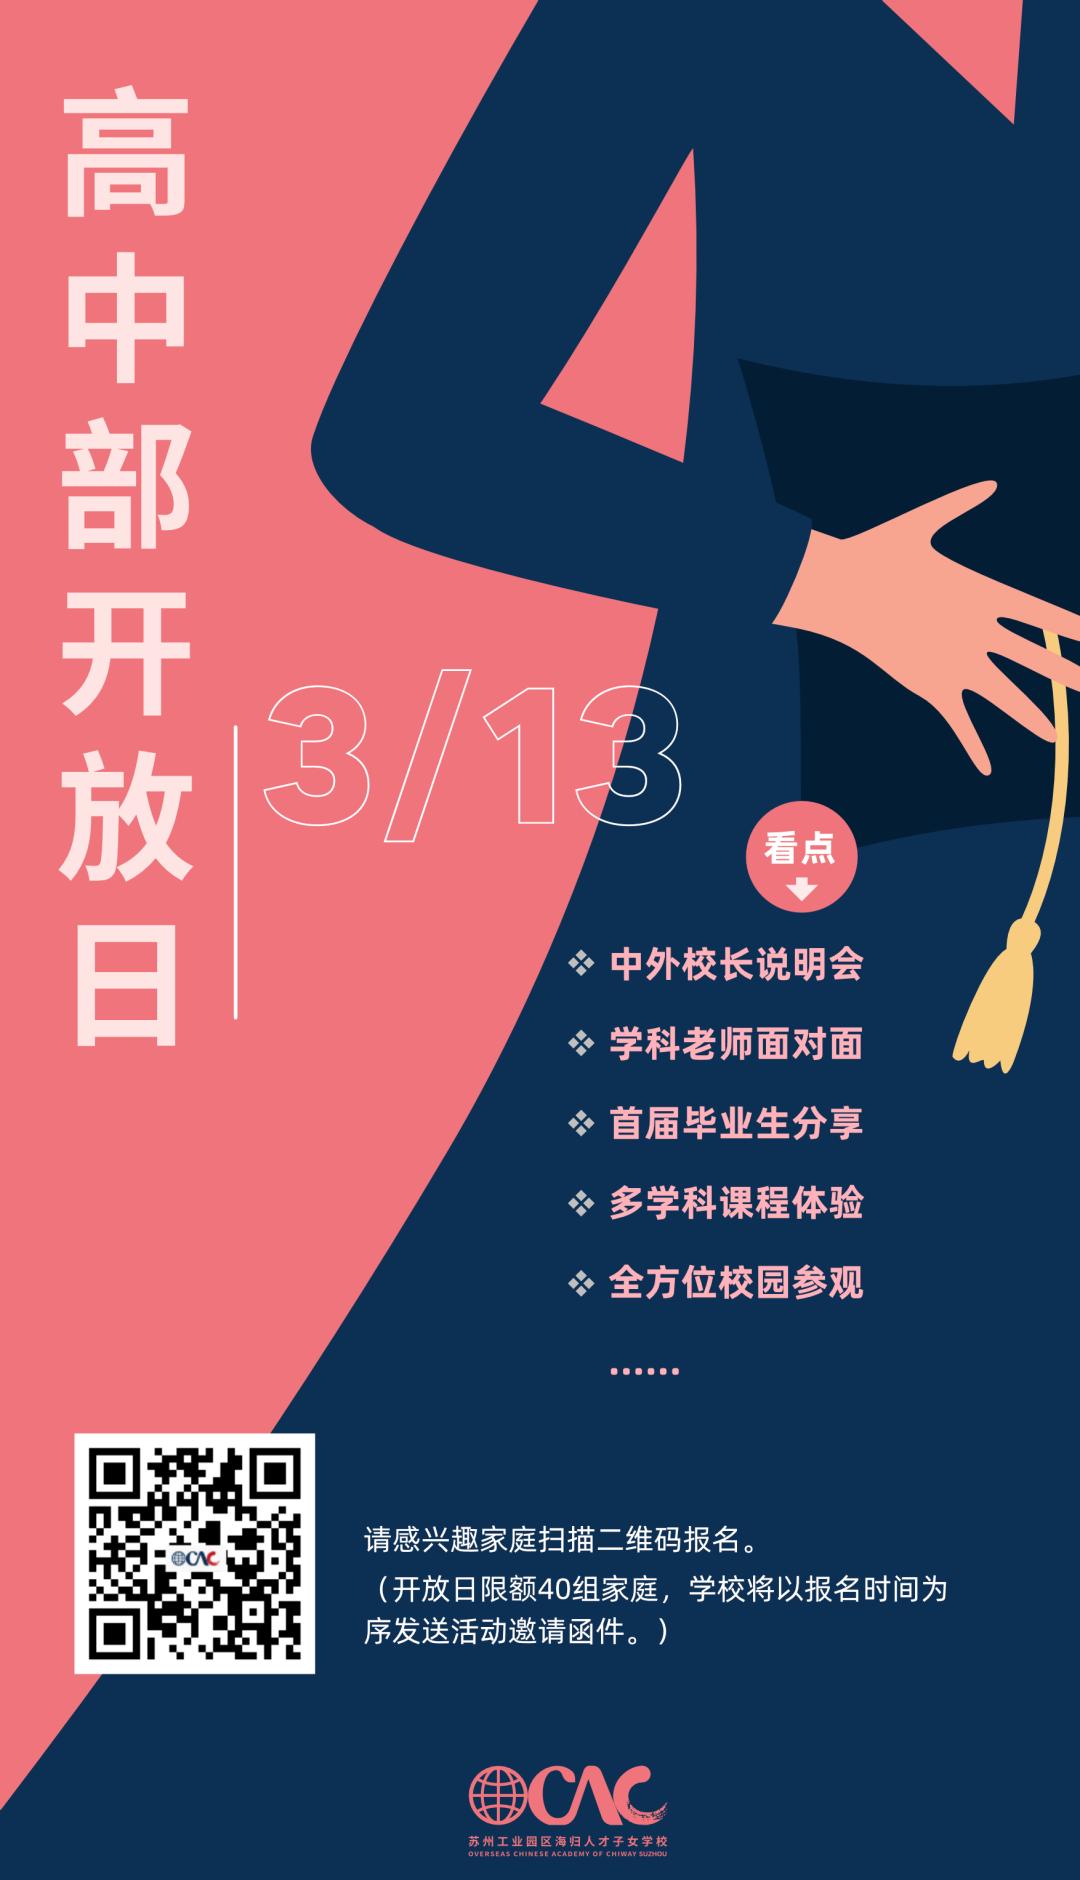 本学年唯一开放日 ∣ 3月13日,探秘海归高中部!